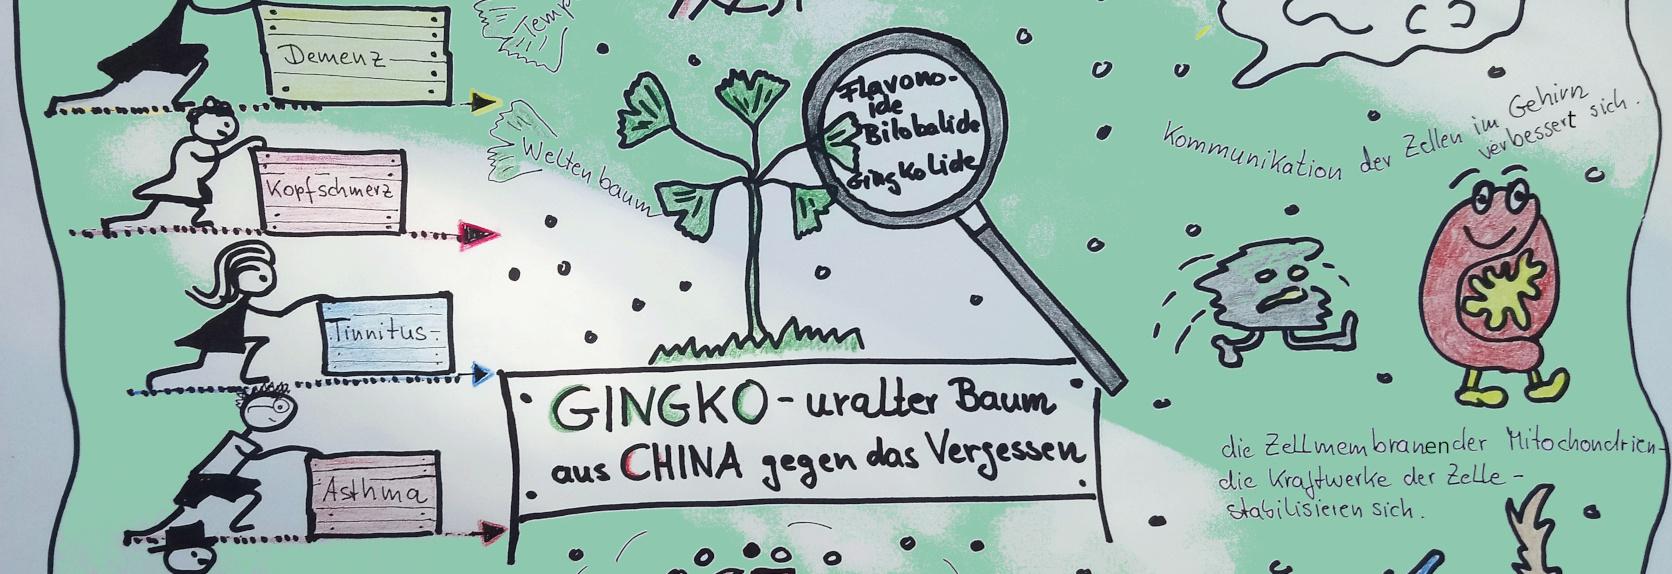 Apotheke am Herrfurthplatz Ginkgo